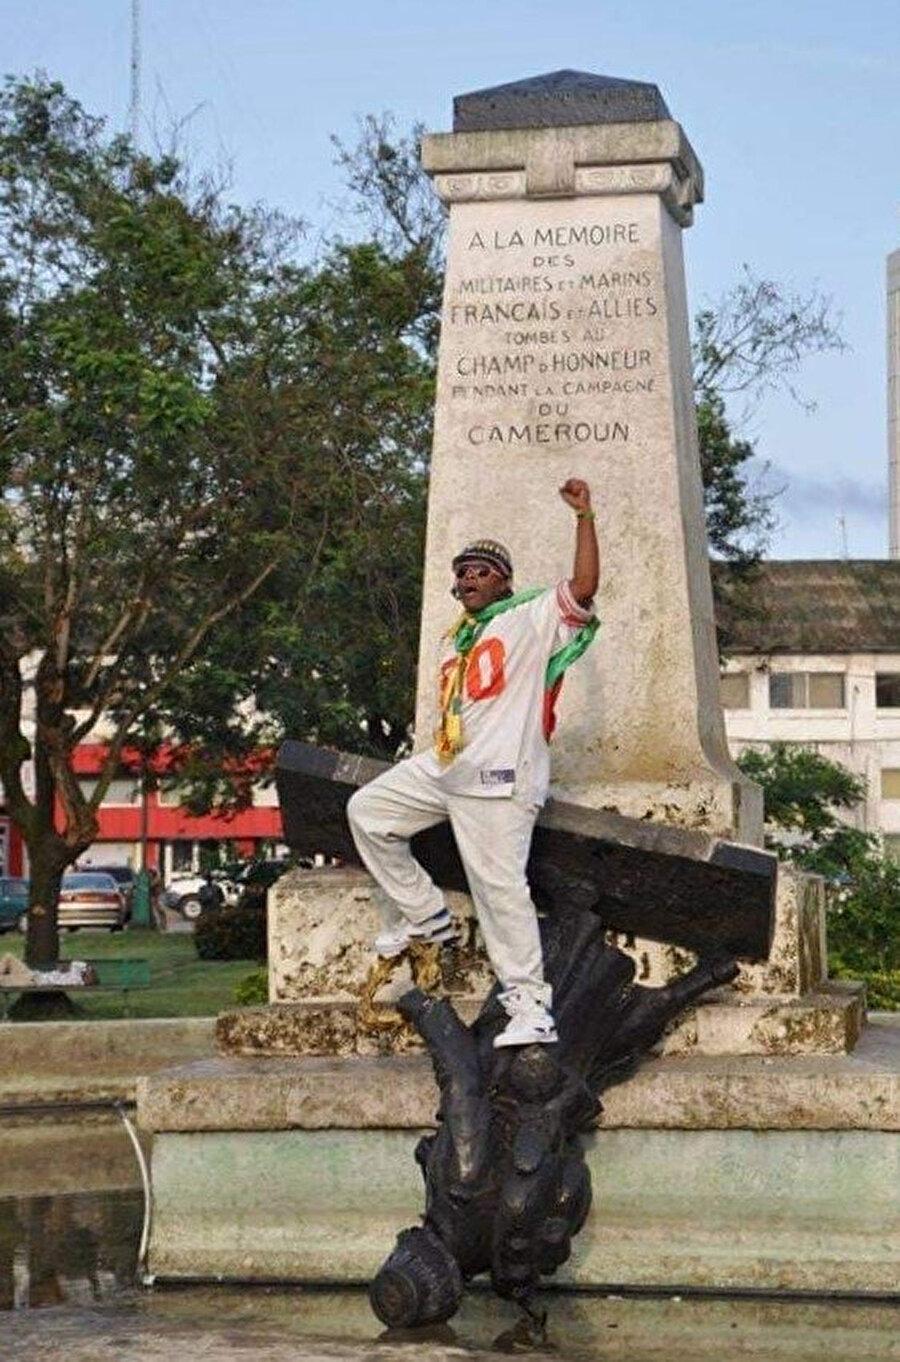 Kamerunlu aktivist, Fransa'nın işgal ettiği toprakları sahiplendiğini göstermek için diktiği heykelleri kaldırmak üzere harekete geçti.